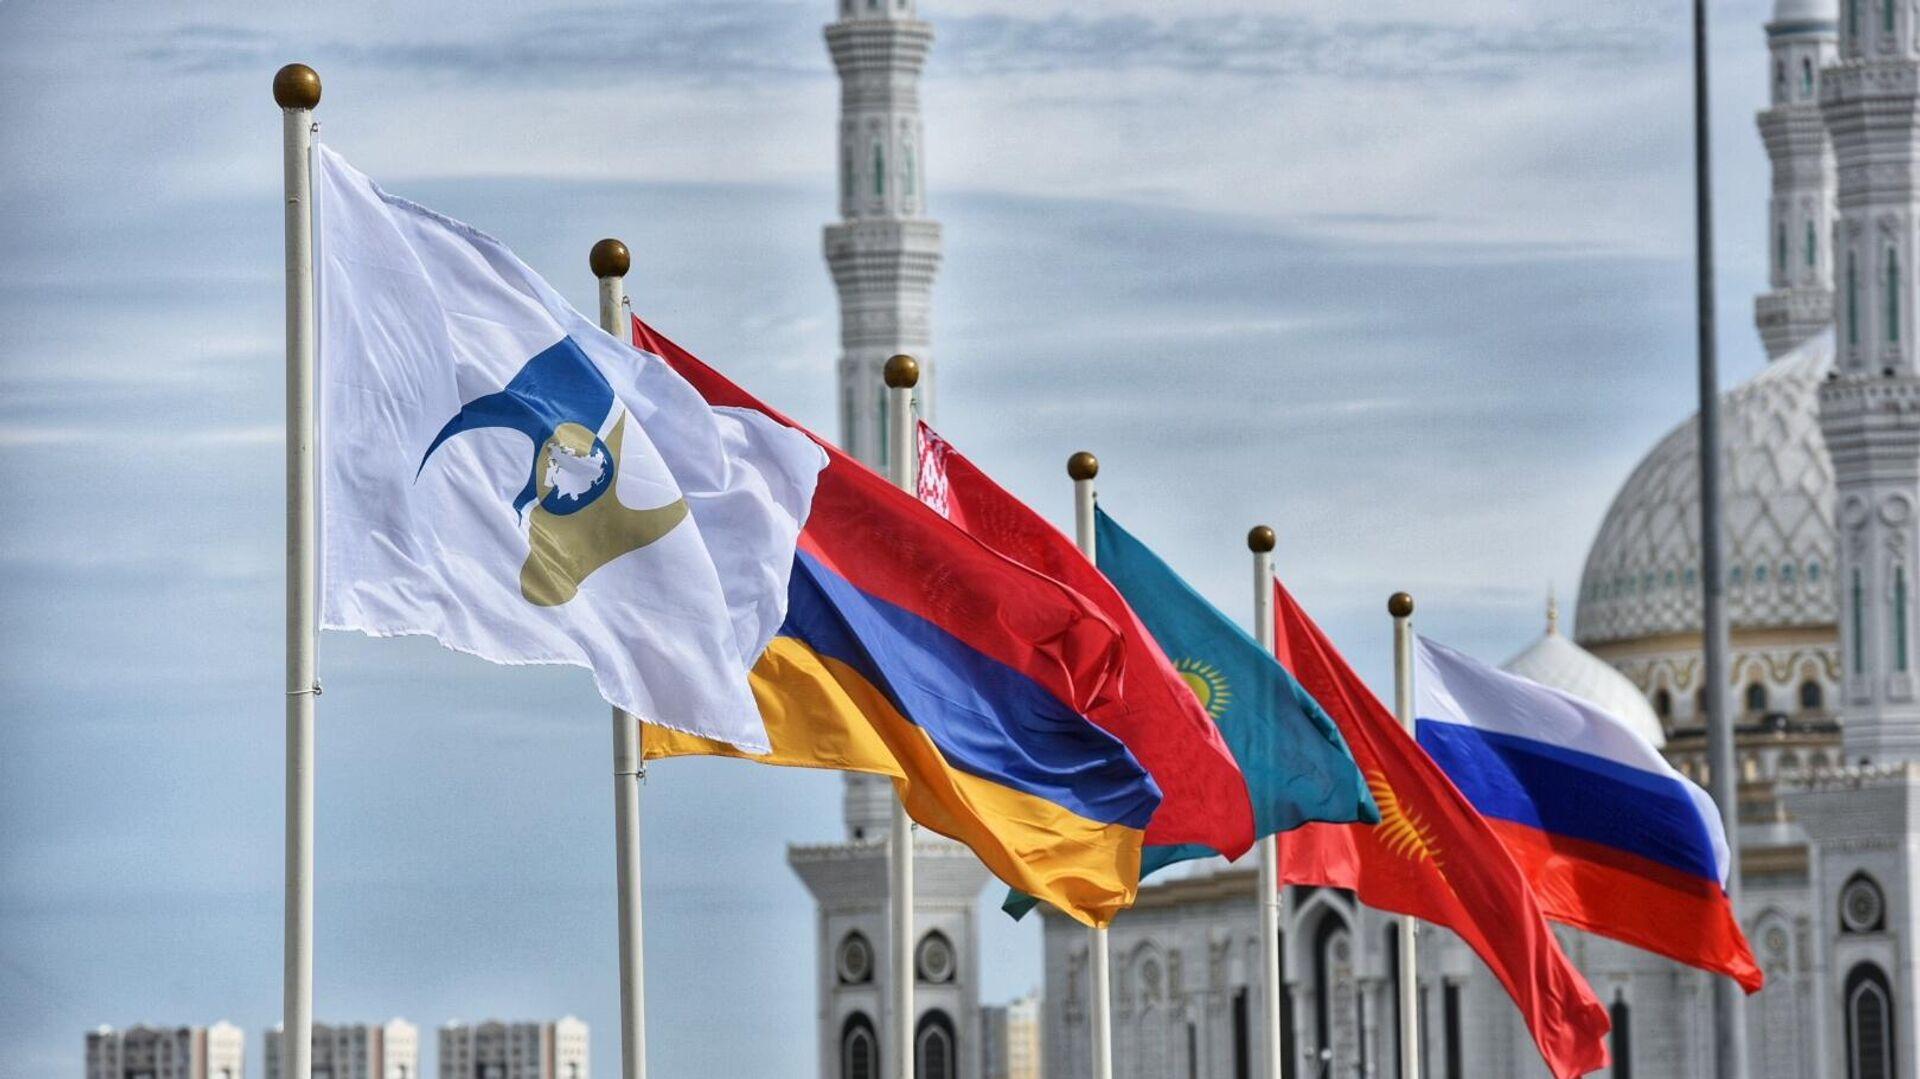 Флаги России, Киргизии, Казахстана, Белоруссии, Армении, а также с символикой Евразийского экономического союза (ЕАЭС) - РИА Новости, 1920, 05.02.2021